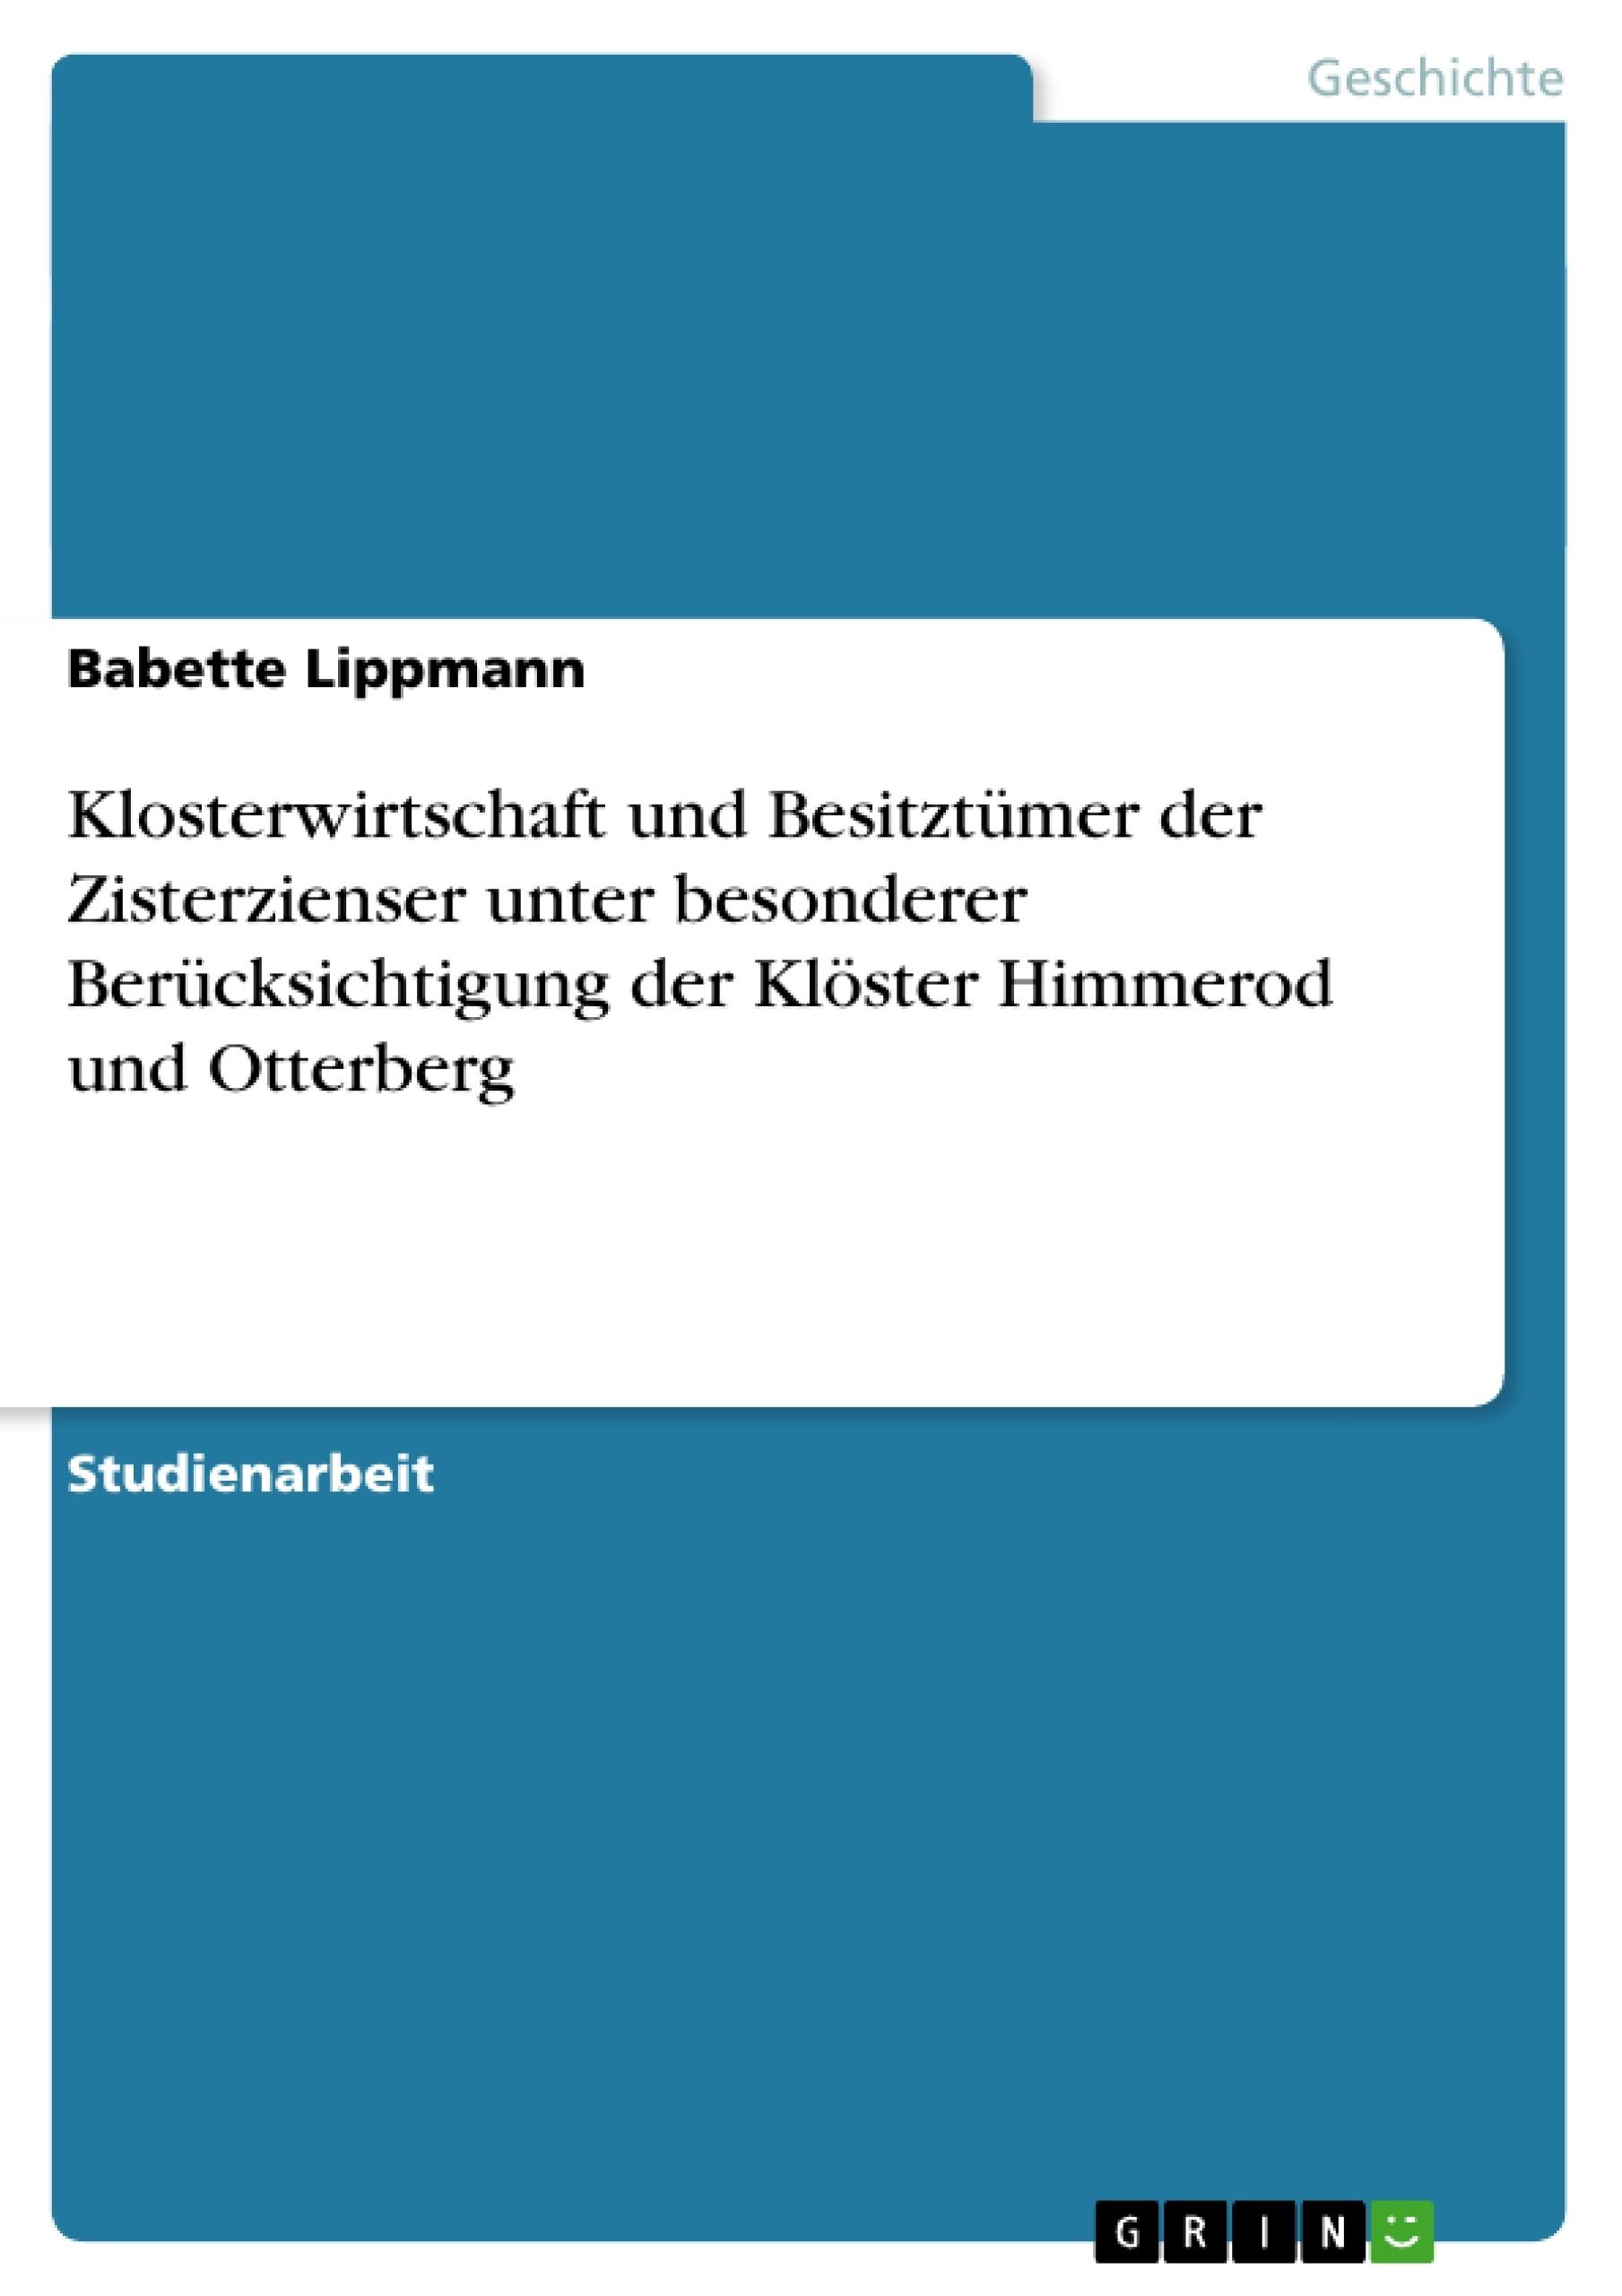 Titel: Klosterwirtschaft und Besitztümer der Zisterzienser unter besonderer Berücksichtigung der Klöster Himmerod und Otterberg